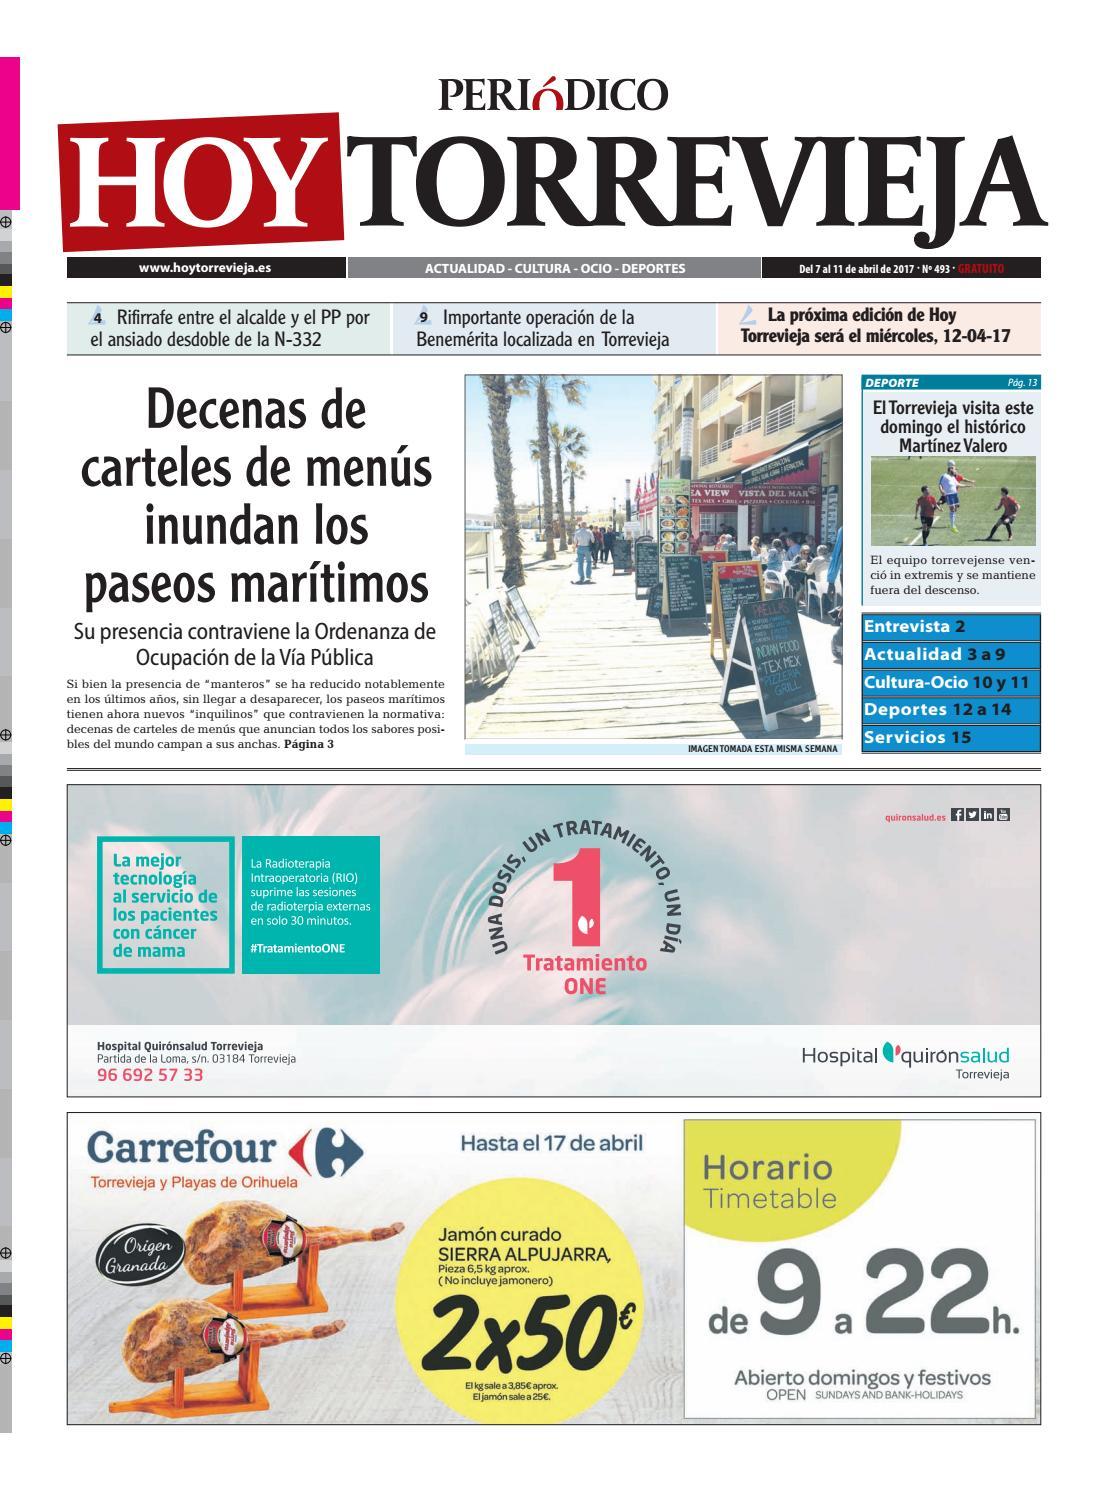 Muebles Viuda De Juan Parera - Peri Dico Hoy Torrevieja 7 4 17 N 493 By Peri Dico Hoy Torrevieja [mjhdah]https://image.isu.pub/130918122434-2e85f55c6a4aa86af9832ab2e19f2d50/jpg/page_1.jpg